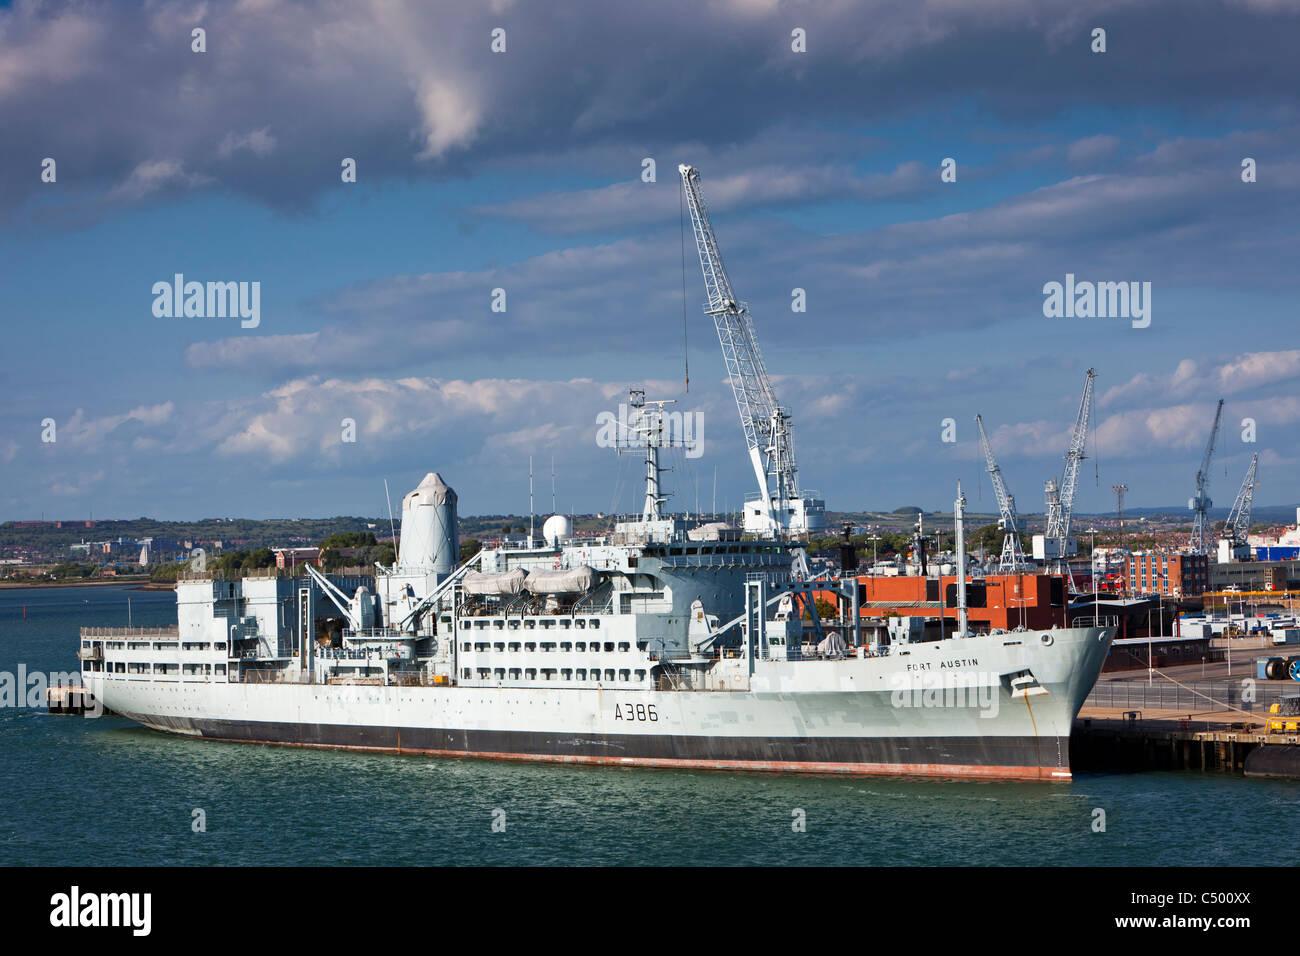 RFA Fort Austin A386 ankern in Portsmouth Harbour England UK Stockbild